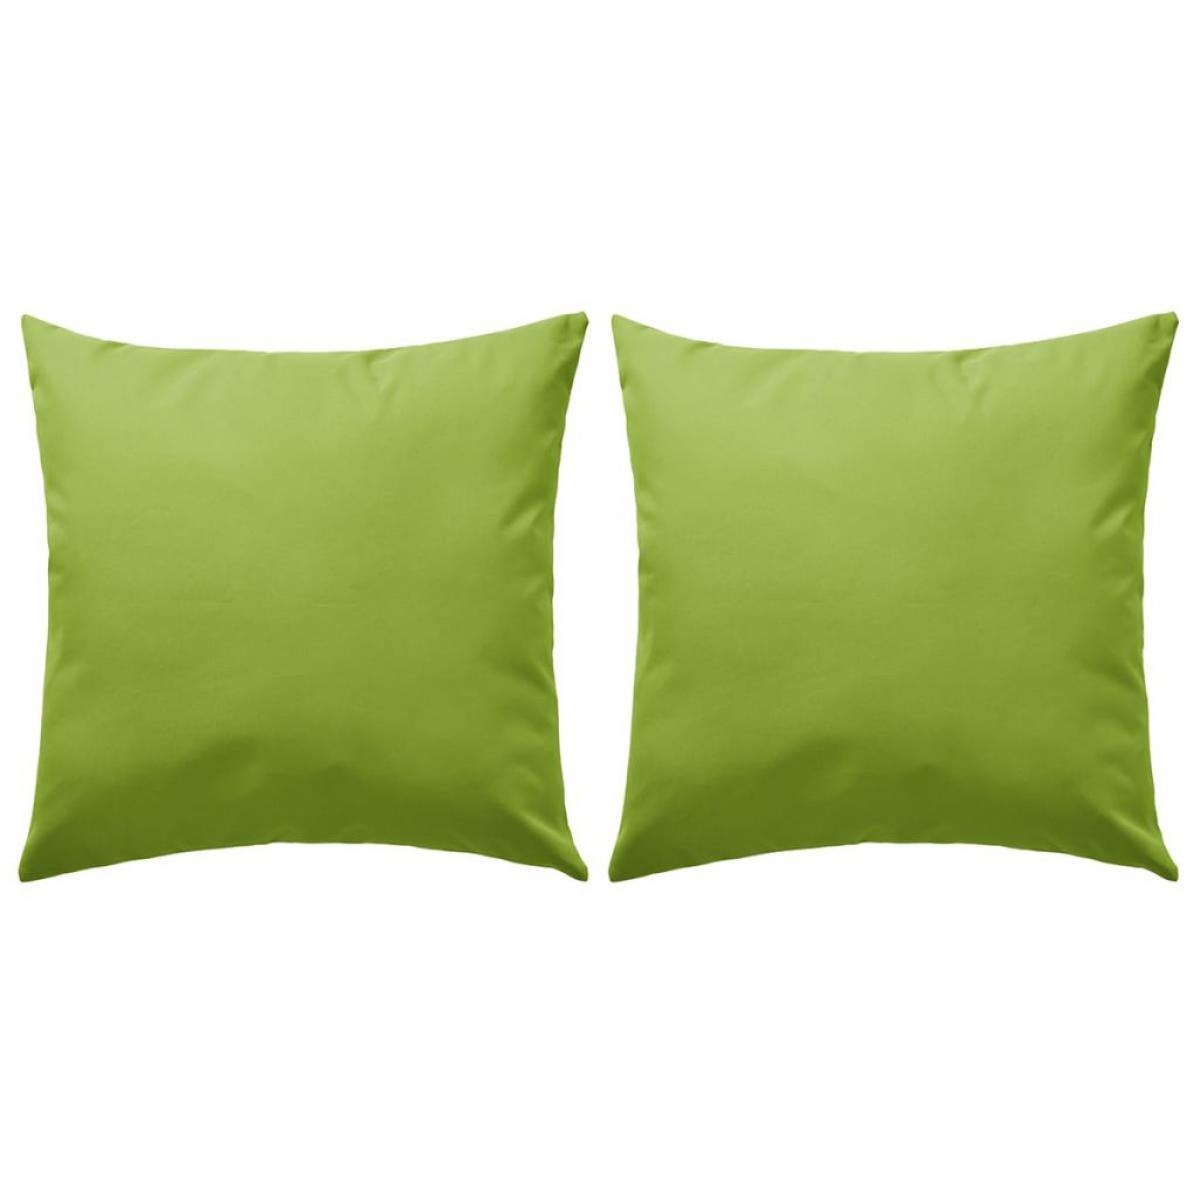 Decoshop26 Lot de 2 coussins oreiller pour extérieur décoration jardin 45 x 45 cm vert pomme DEC020090